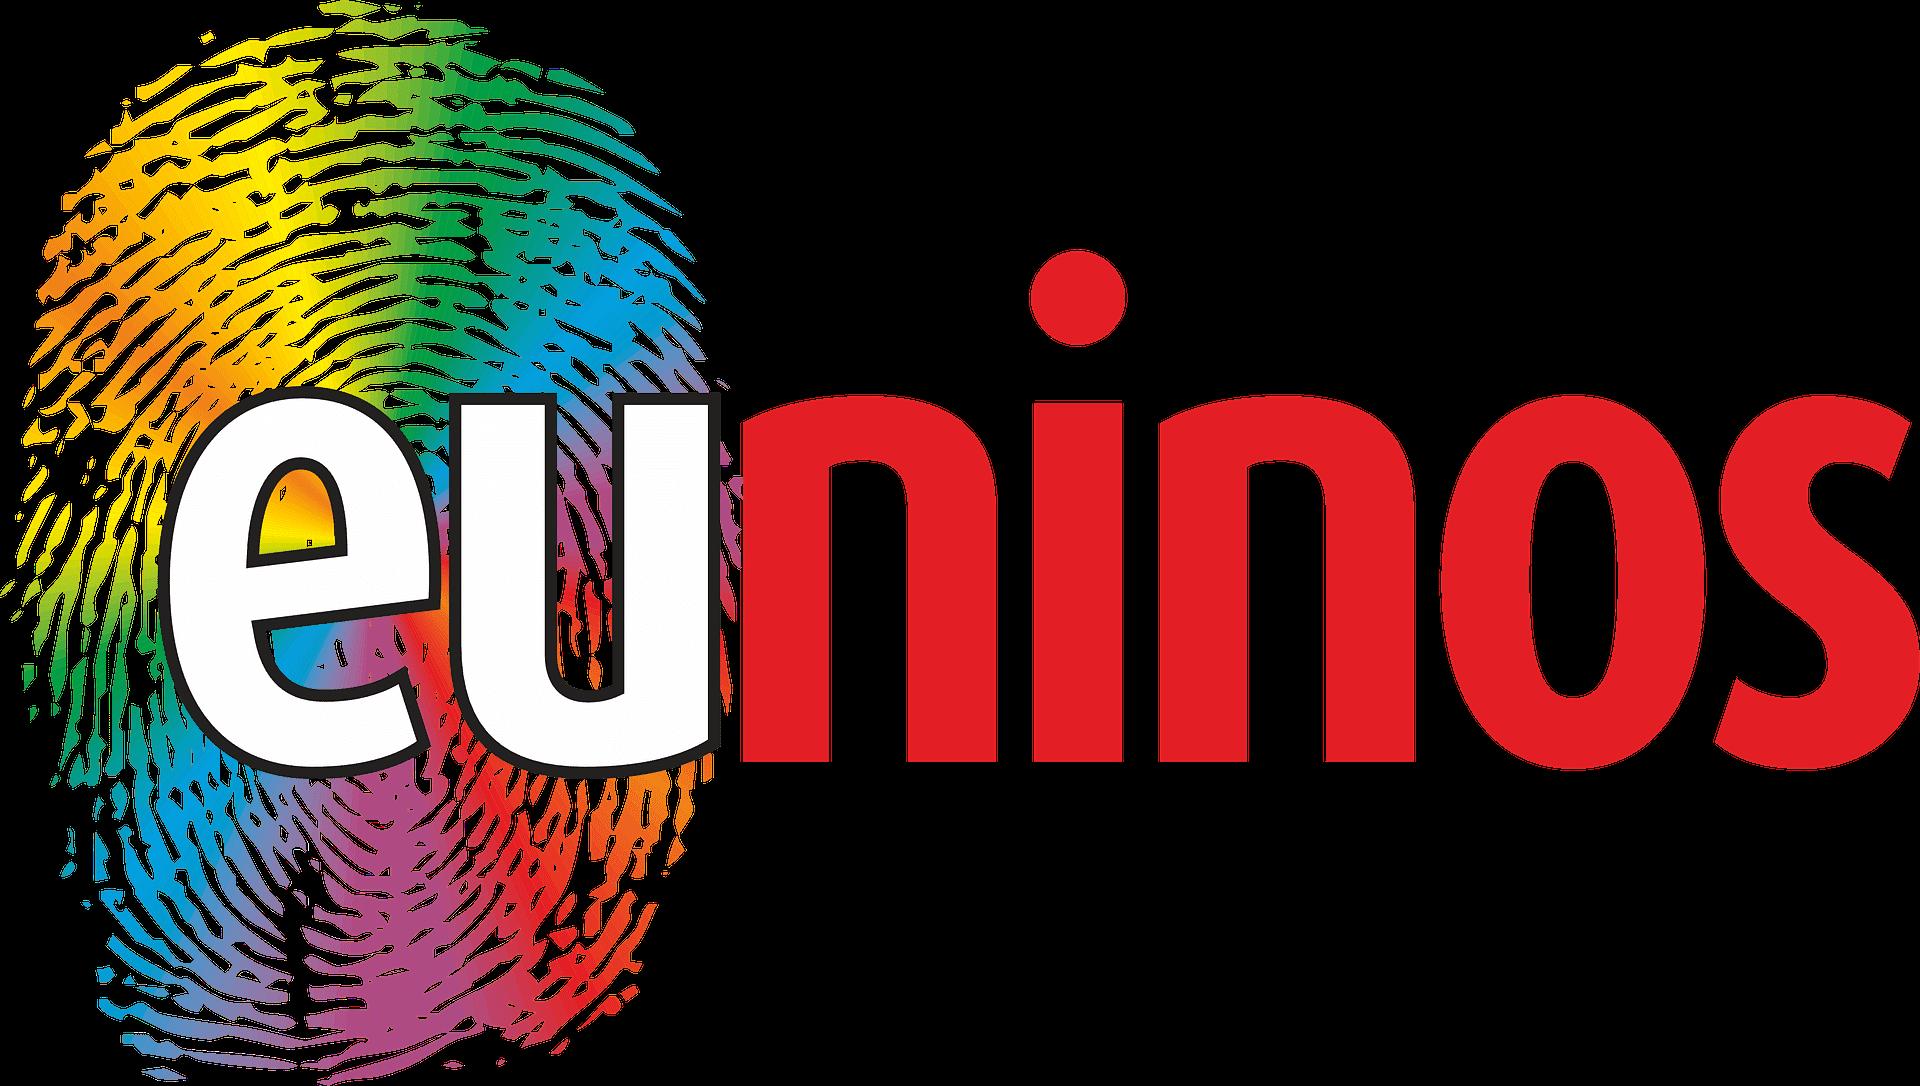 Euninos